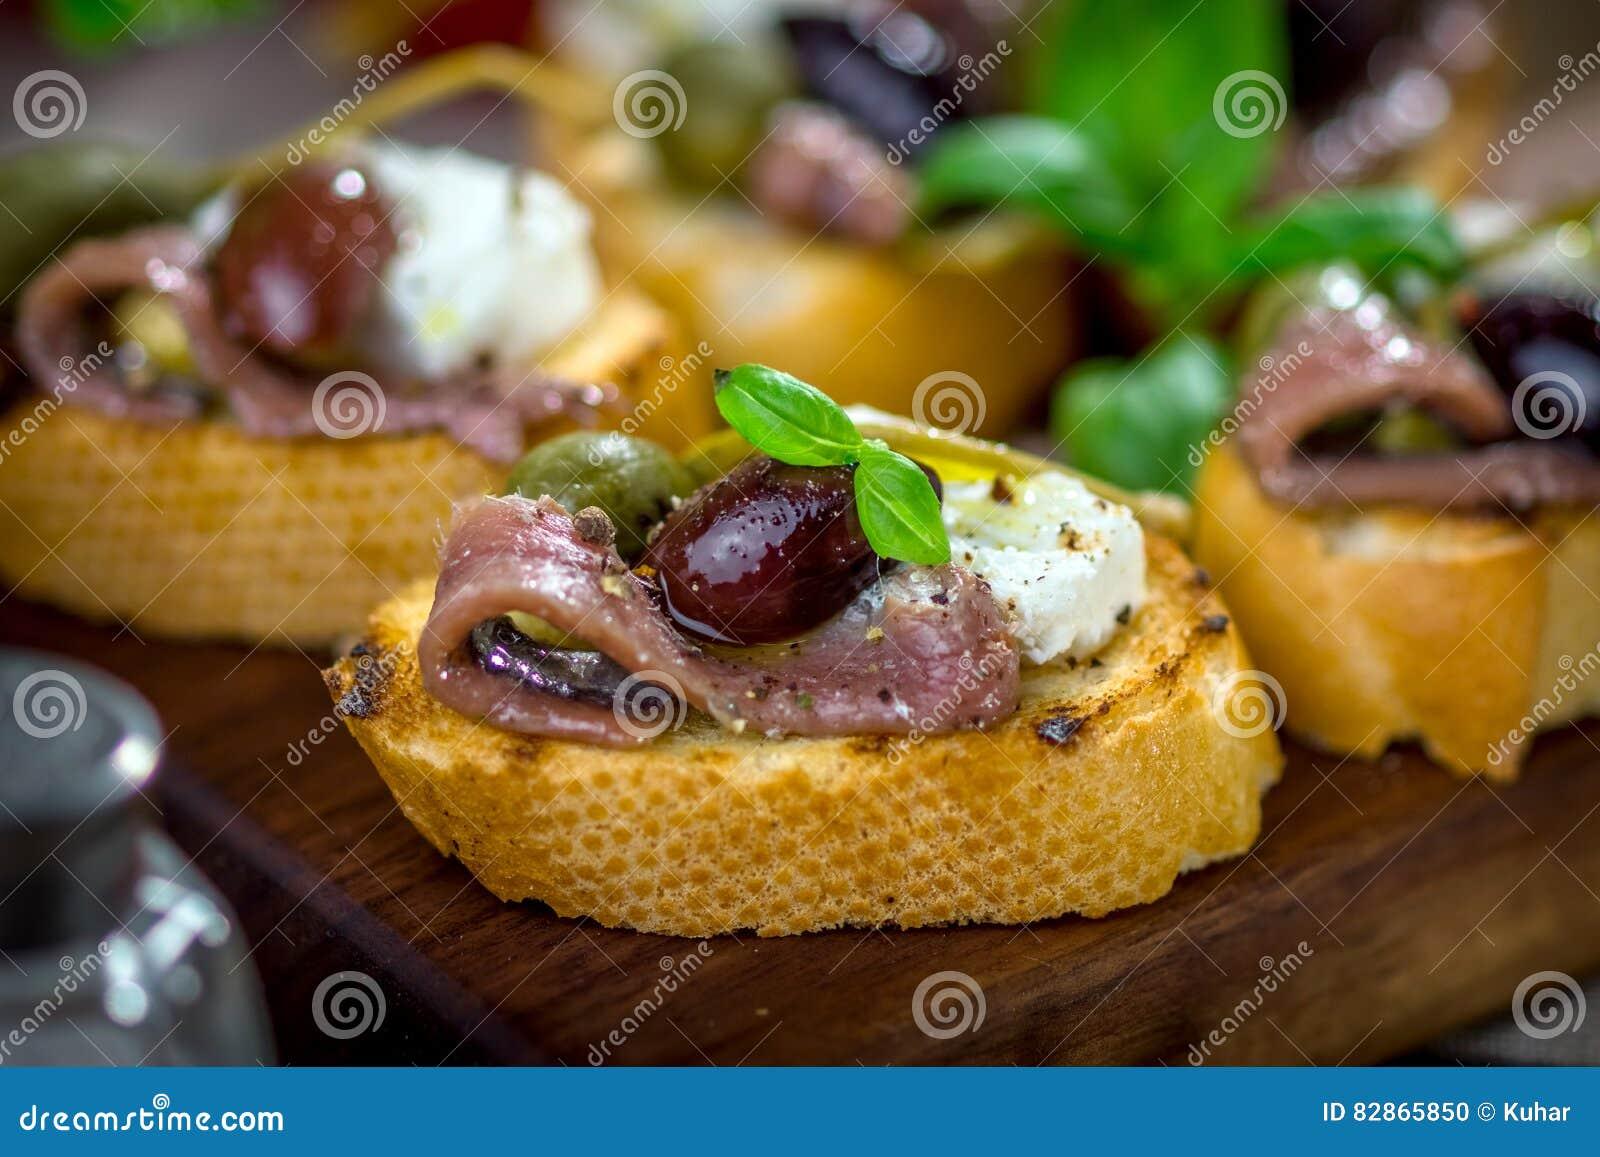 Νόστιμο bruschetta με την αντσούγια, κάπαρη, ελαιόλαδο